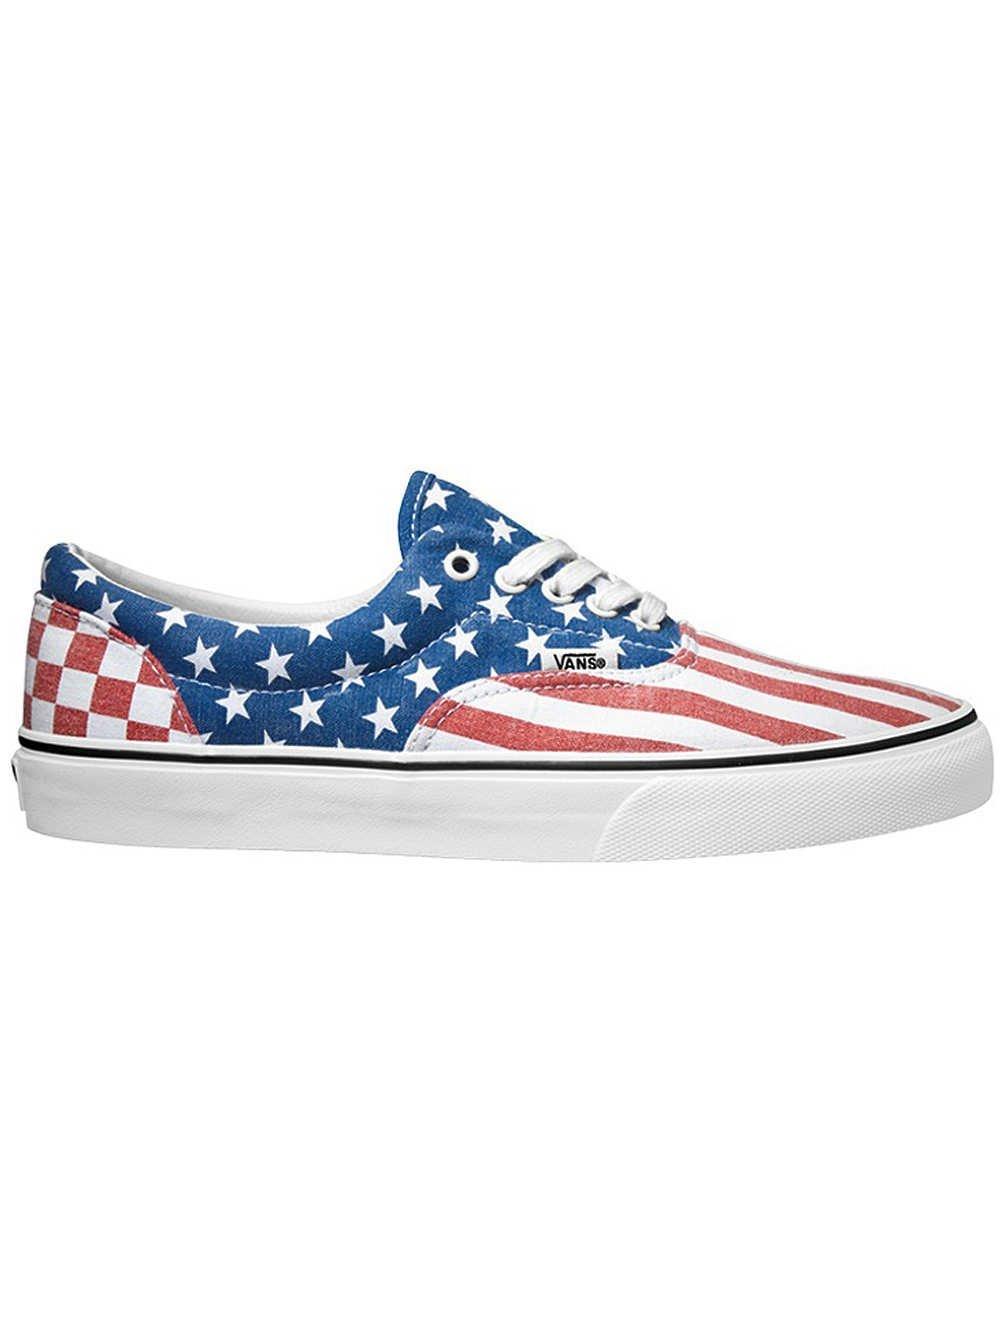 Vans Unisex Era 59 (Van Doren) Strs/Strps/Chr Skate Shoe 4.5 Men US / 6 Women US